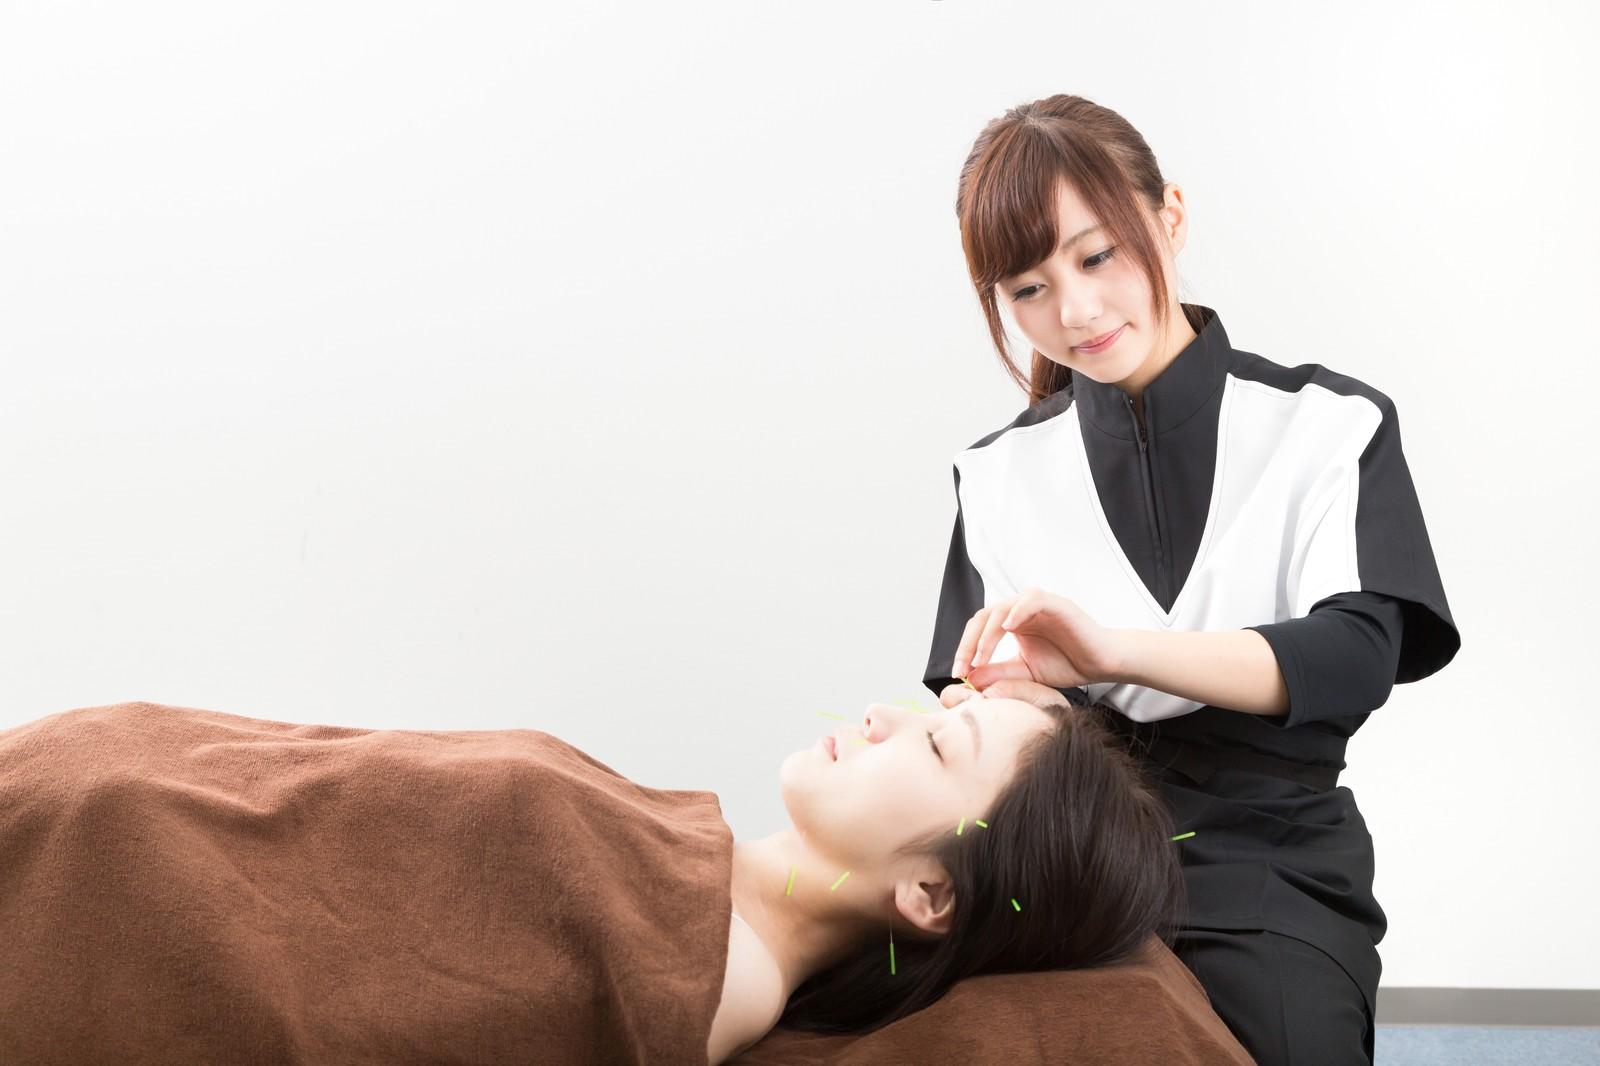 鍼灸の無料イラストサイト一覧【写真画像もあり】